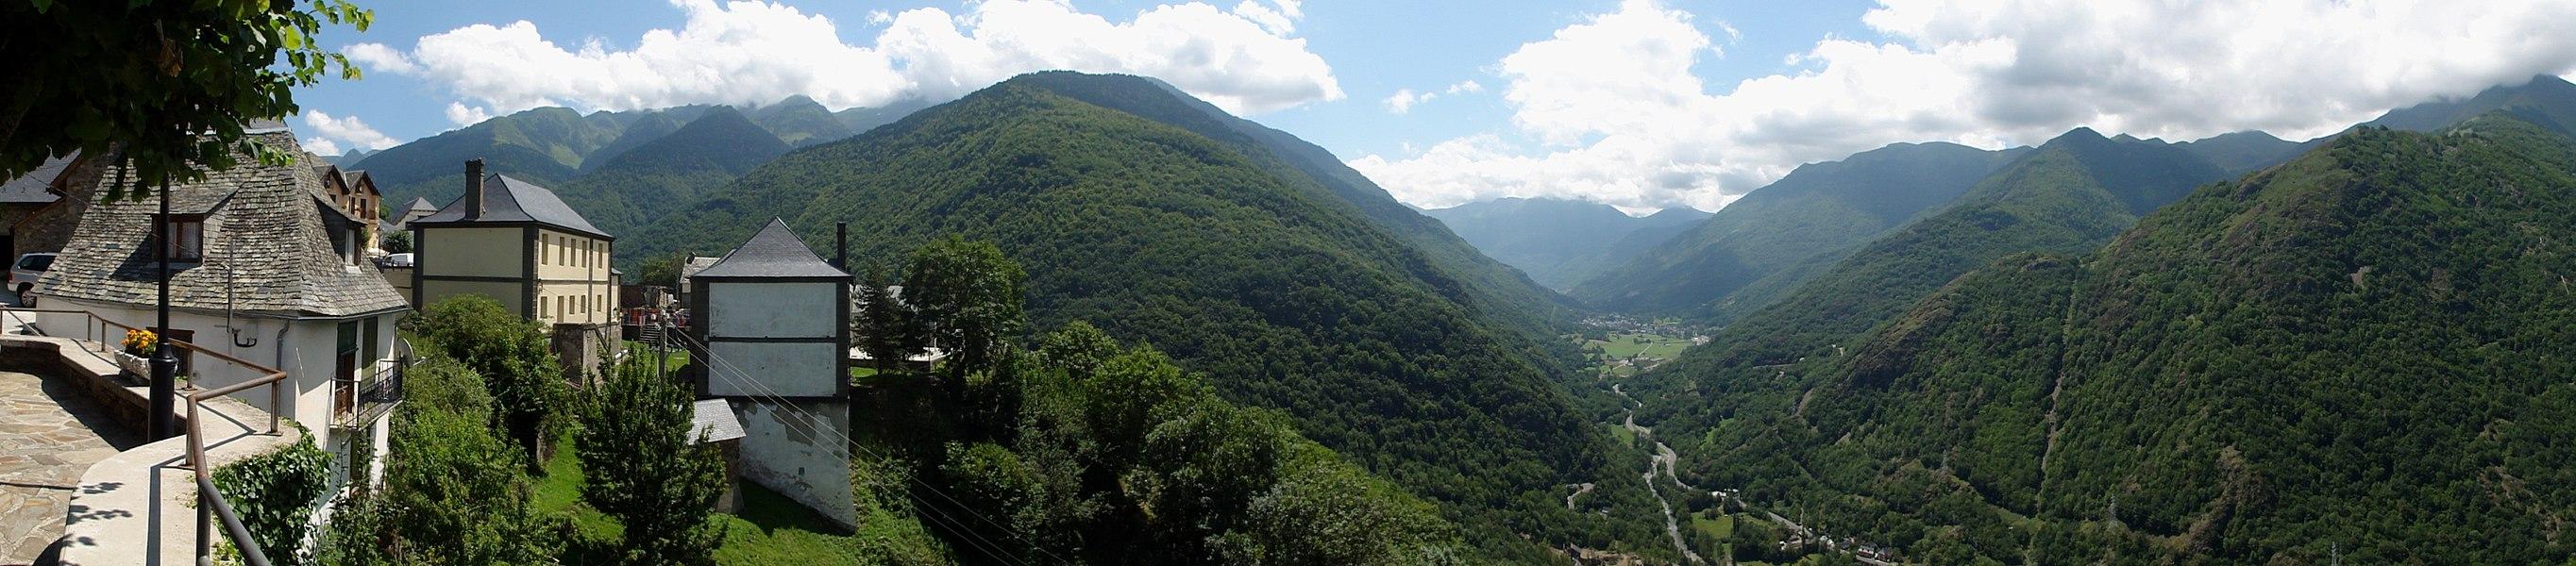 Parc de Sant Joan de Toran (Vall d'Aran)